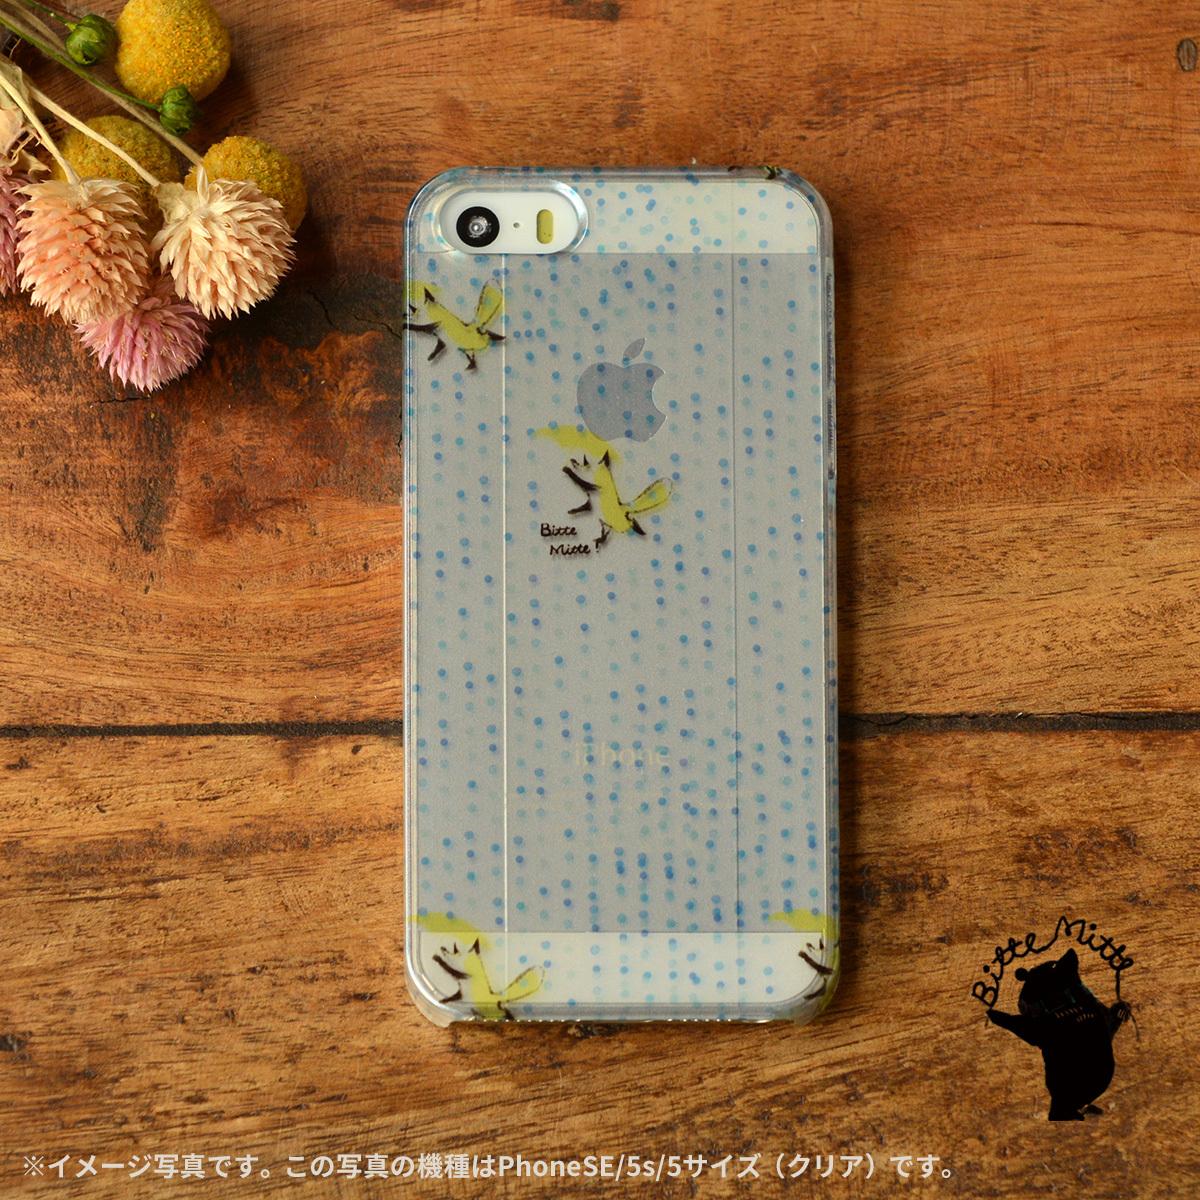 【BASE店限定】アイフォンse ケース クリア iPhoneSE クリアケース キラキラ かわいい きつね キツネ 楽しい雨の日/Bitte Mitte!